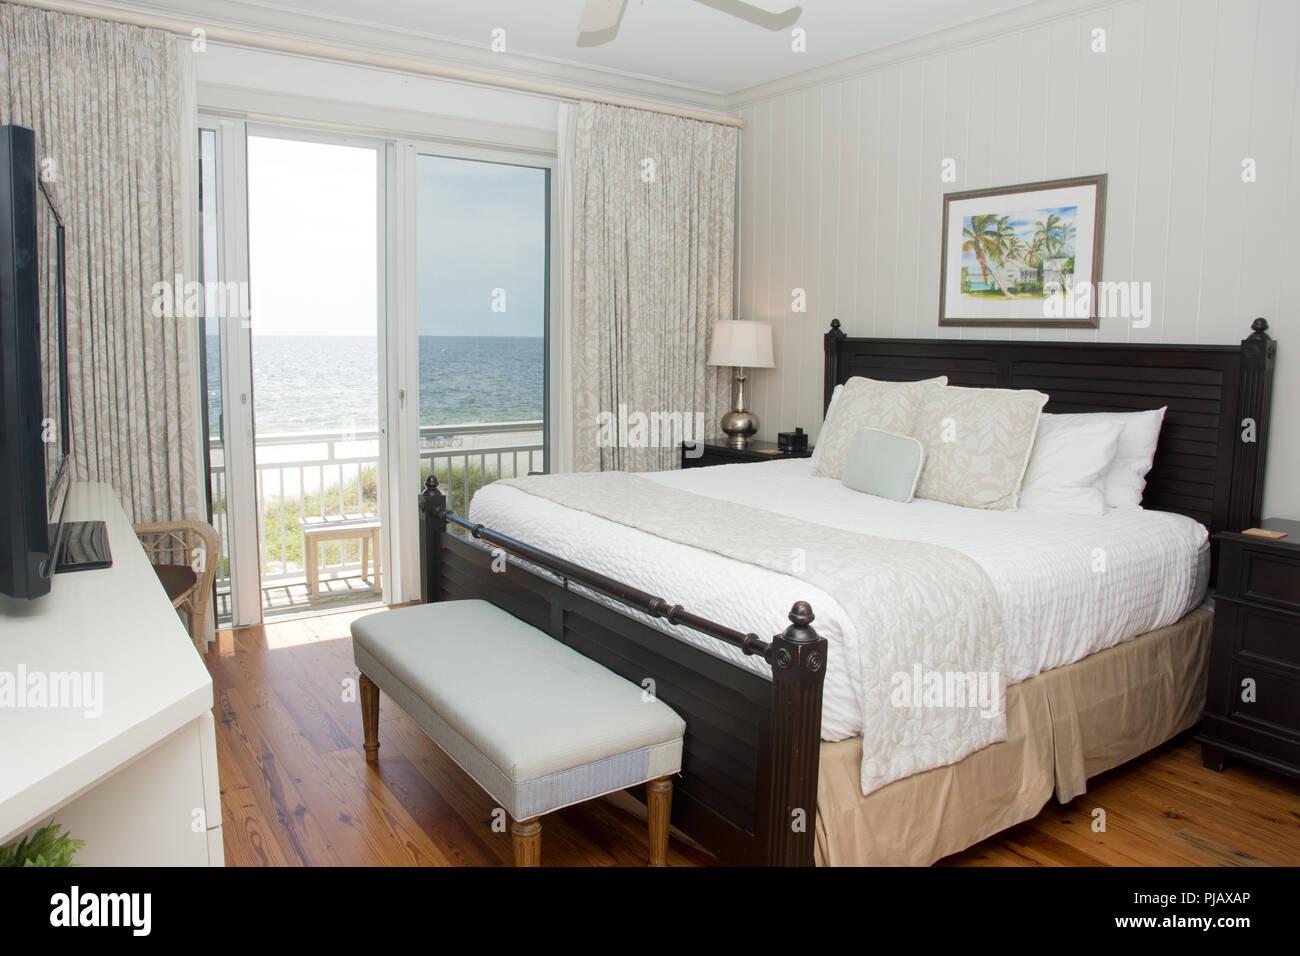 Un coup d'intérieur d'une chambre avec un balcon qui donne sur l'océan. Banque D'Images